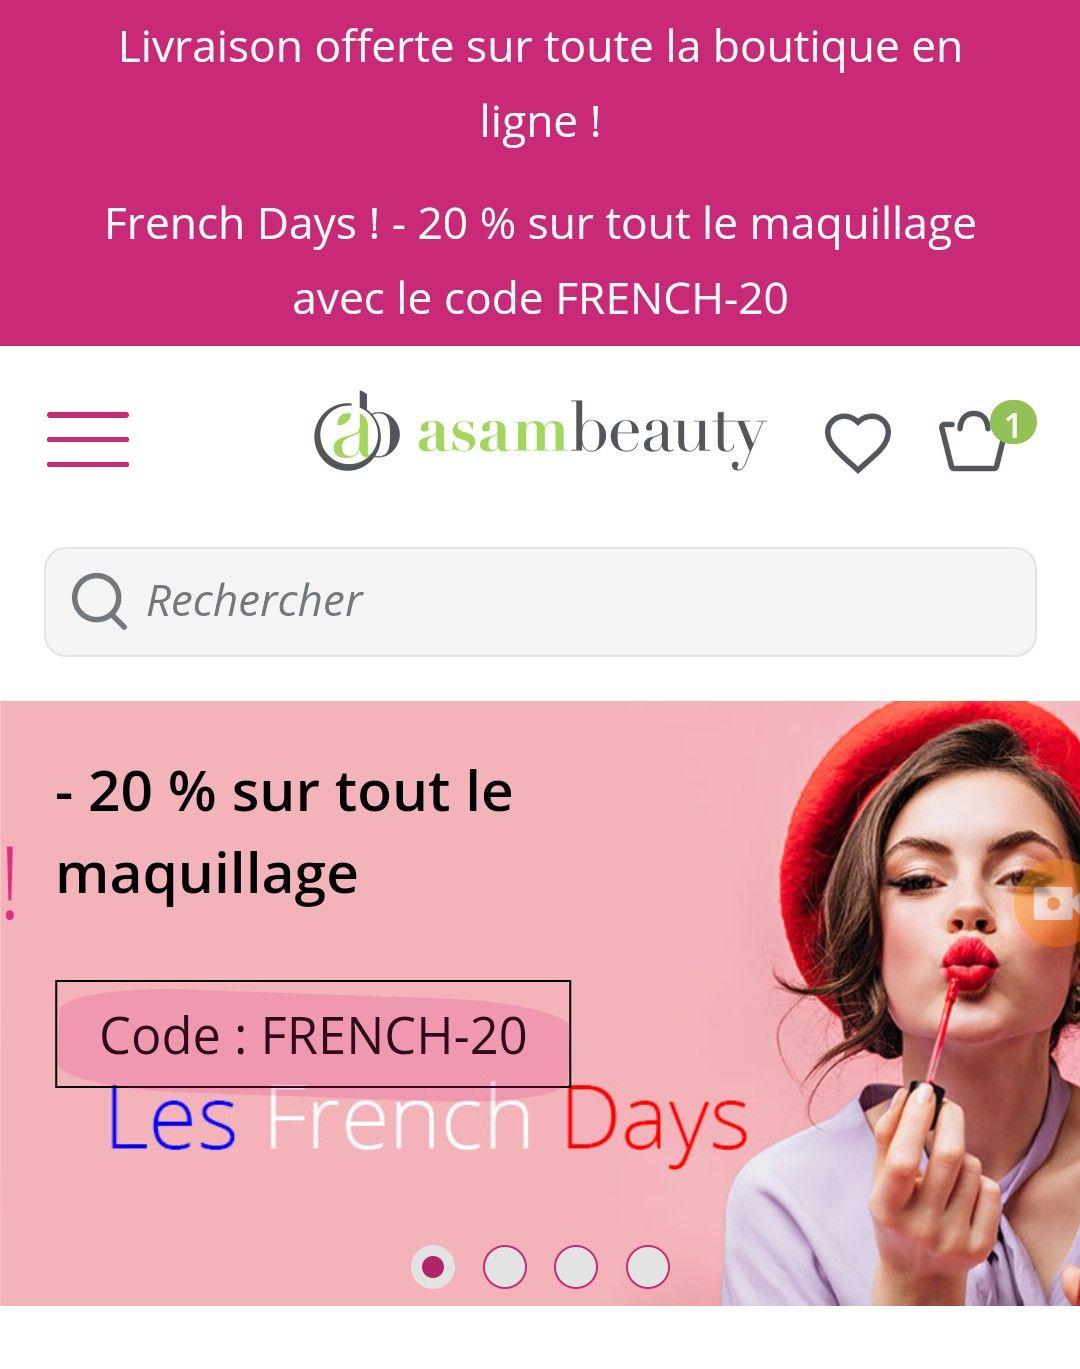 20% de réduction sur le maquillage (asambeauty.com)